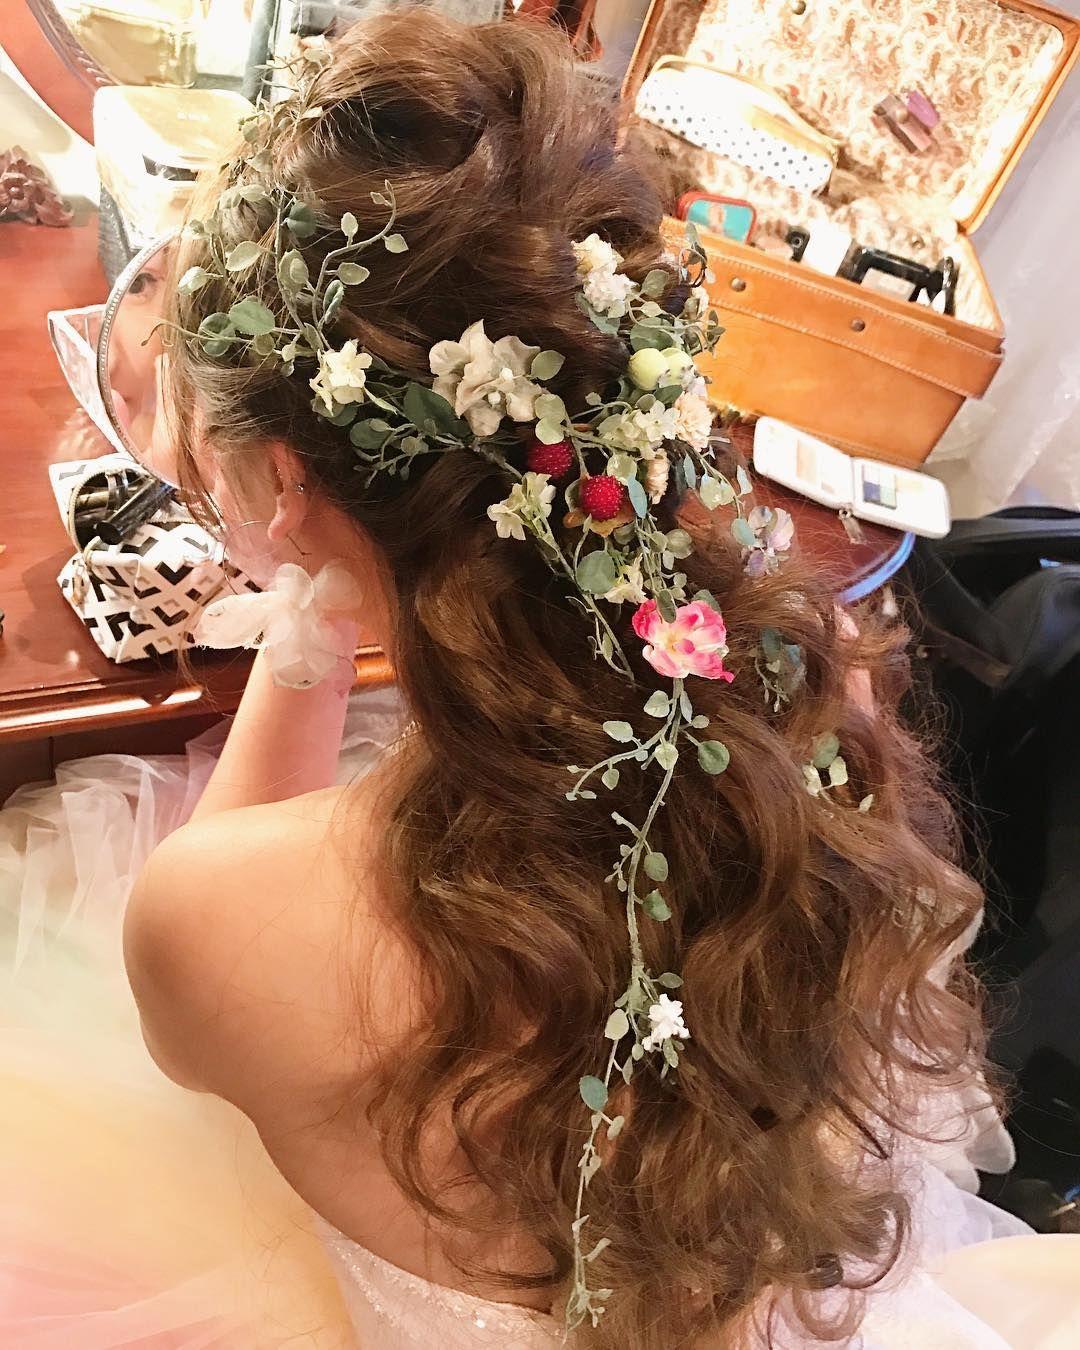 後ろ姿の可愛さ120点満点 ダウンスタイルに散りばめると可愛いヘア